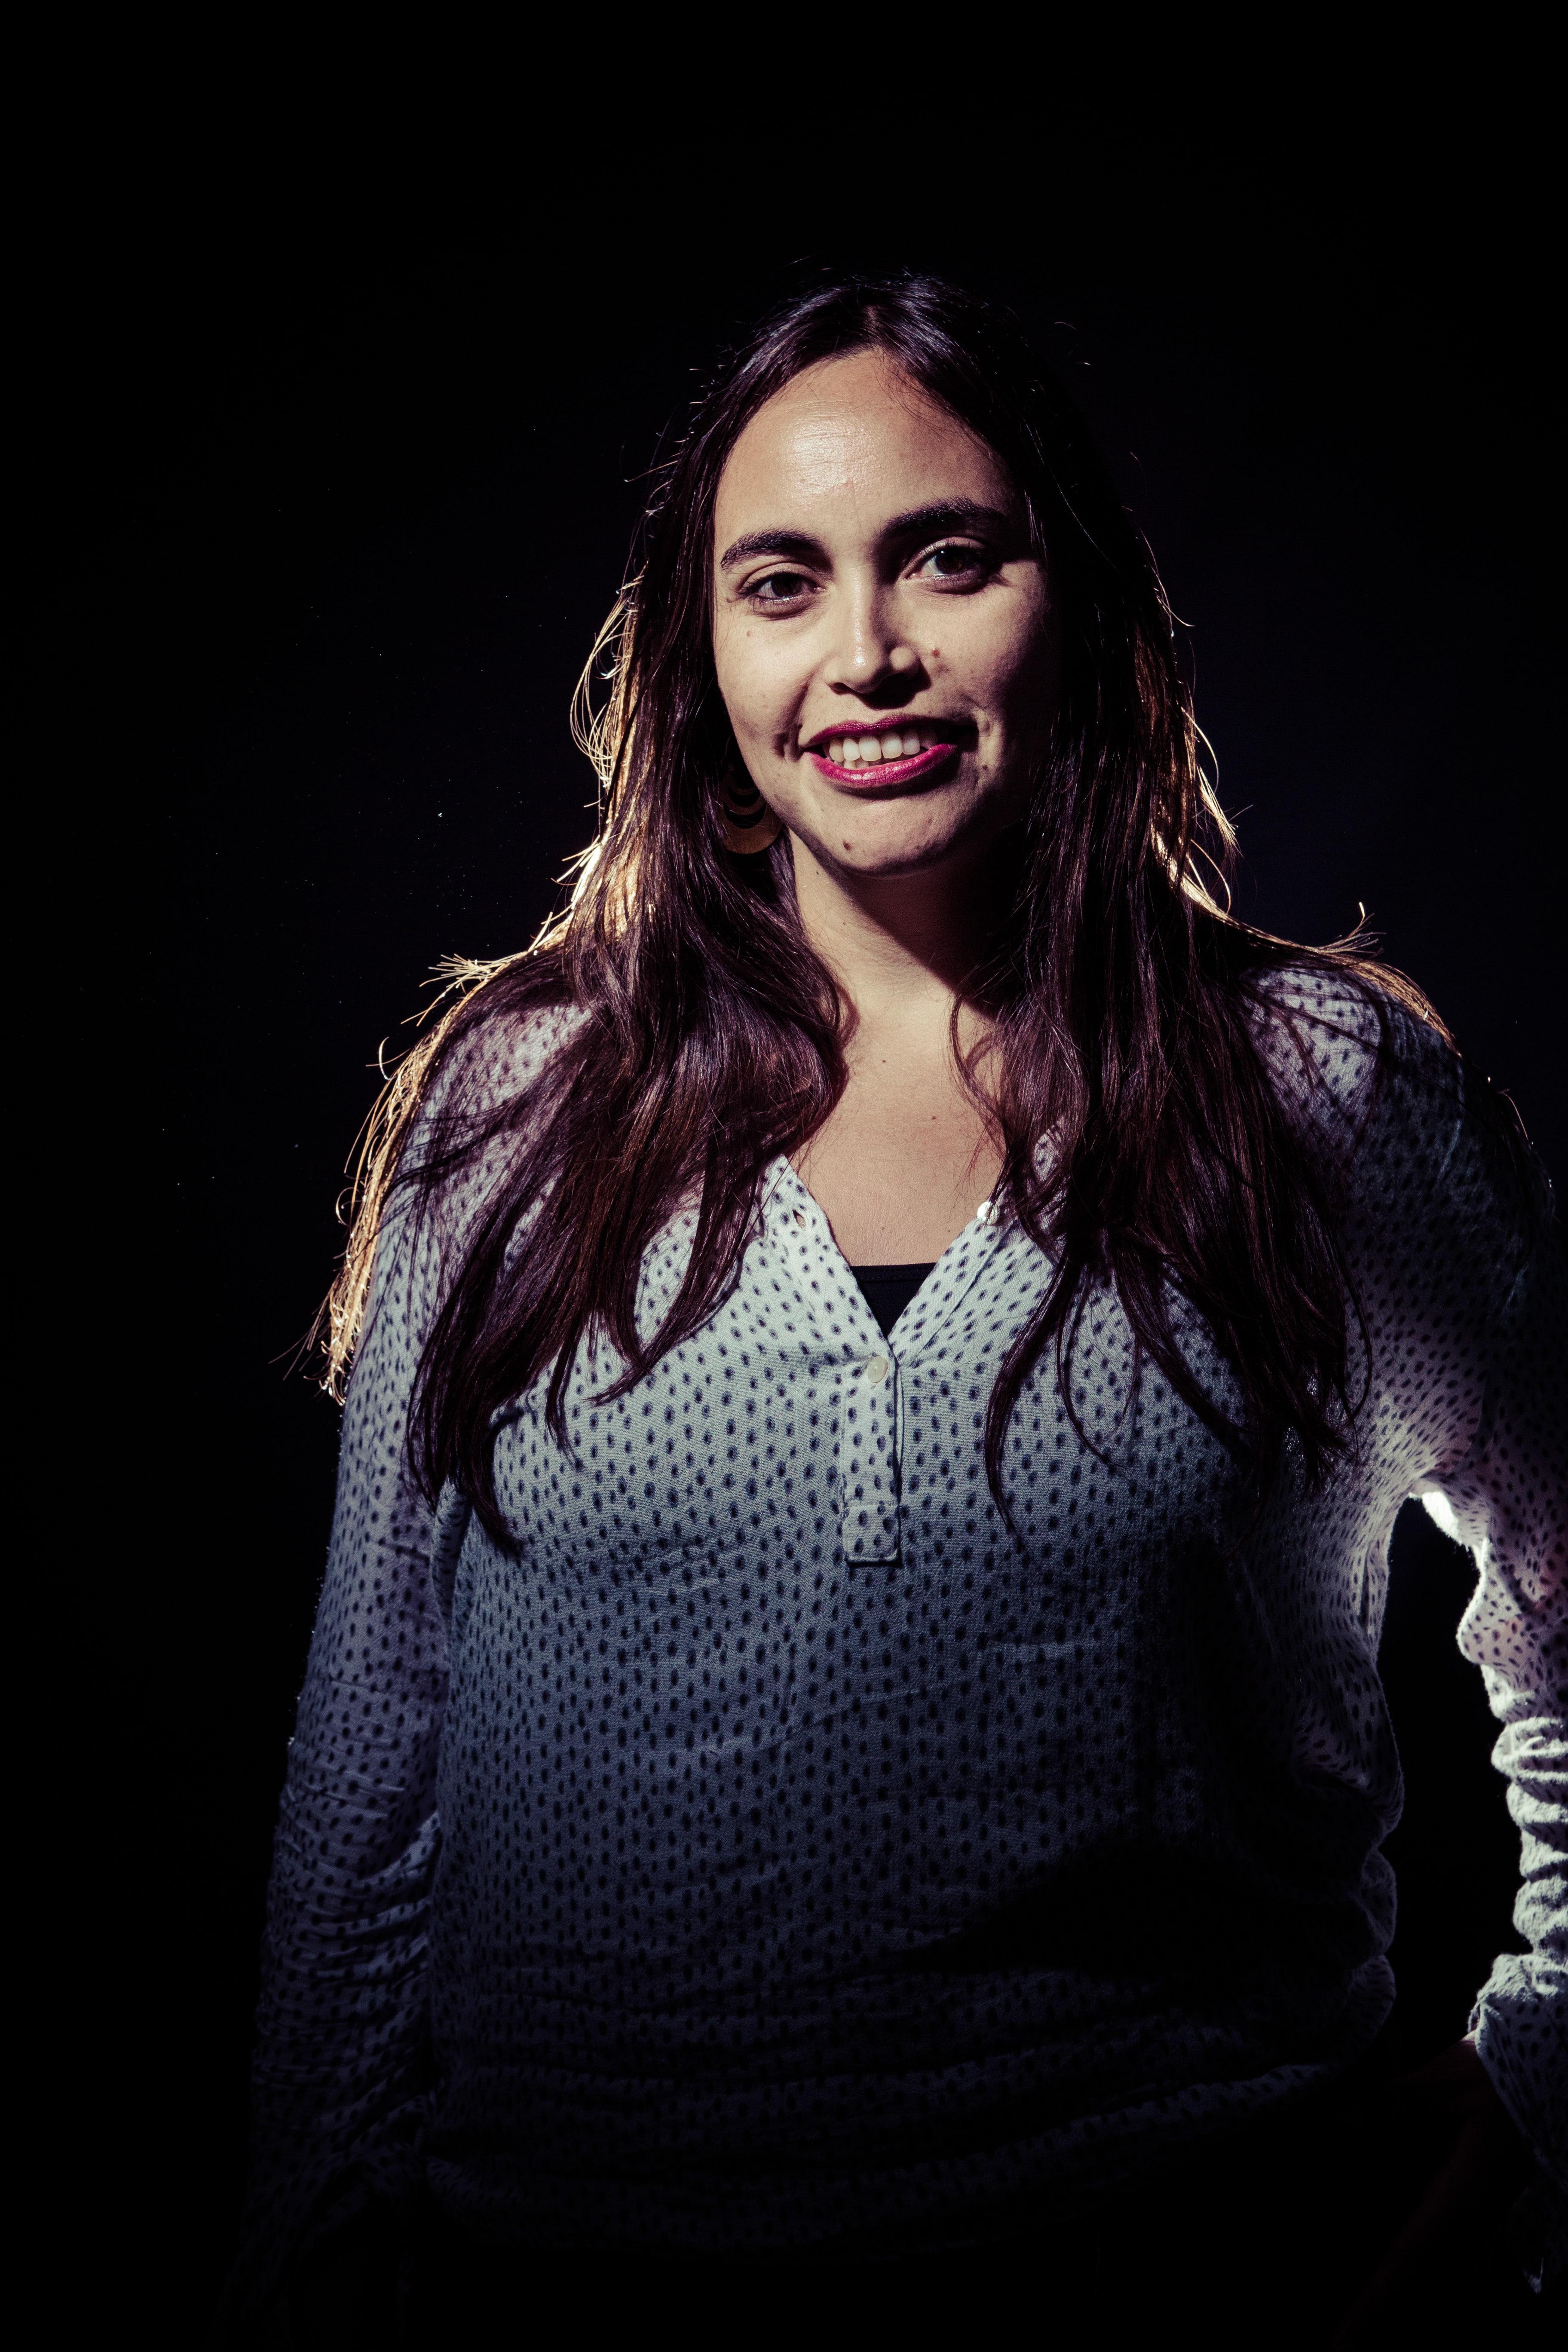 Francisca Lucero